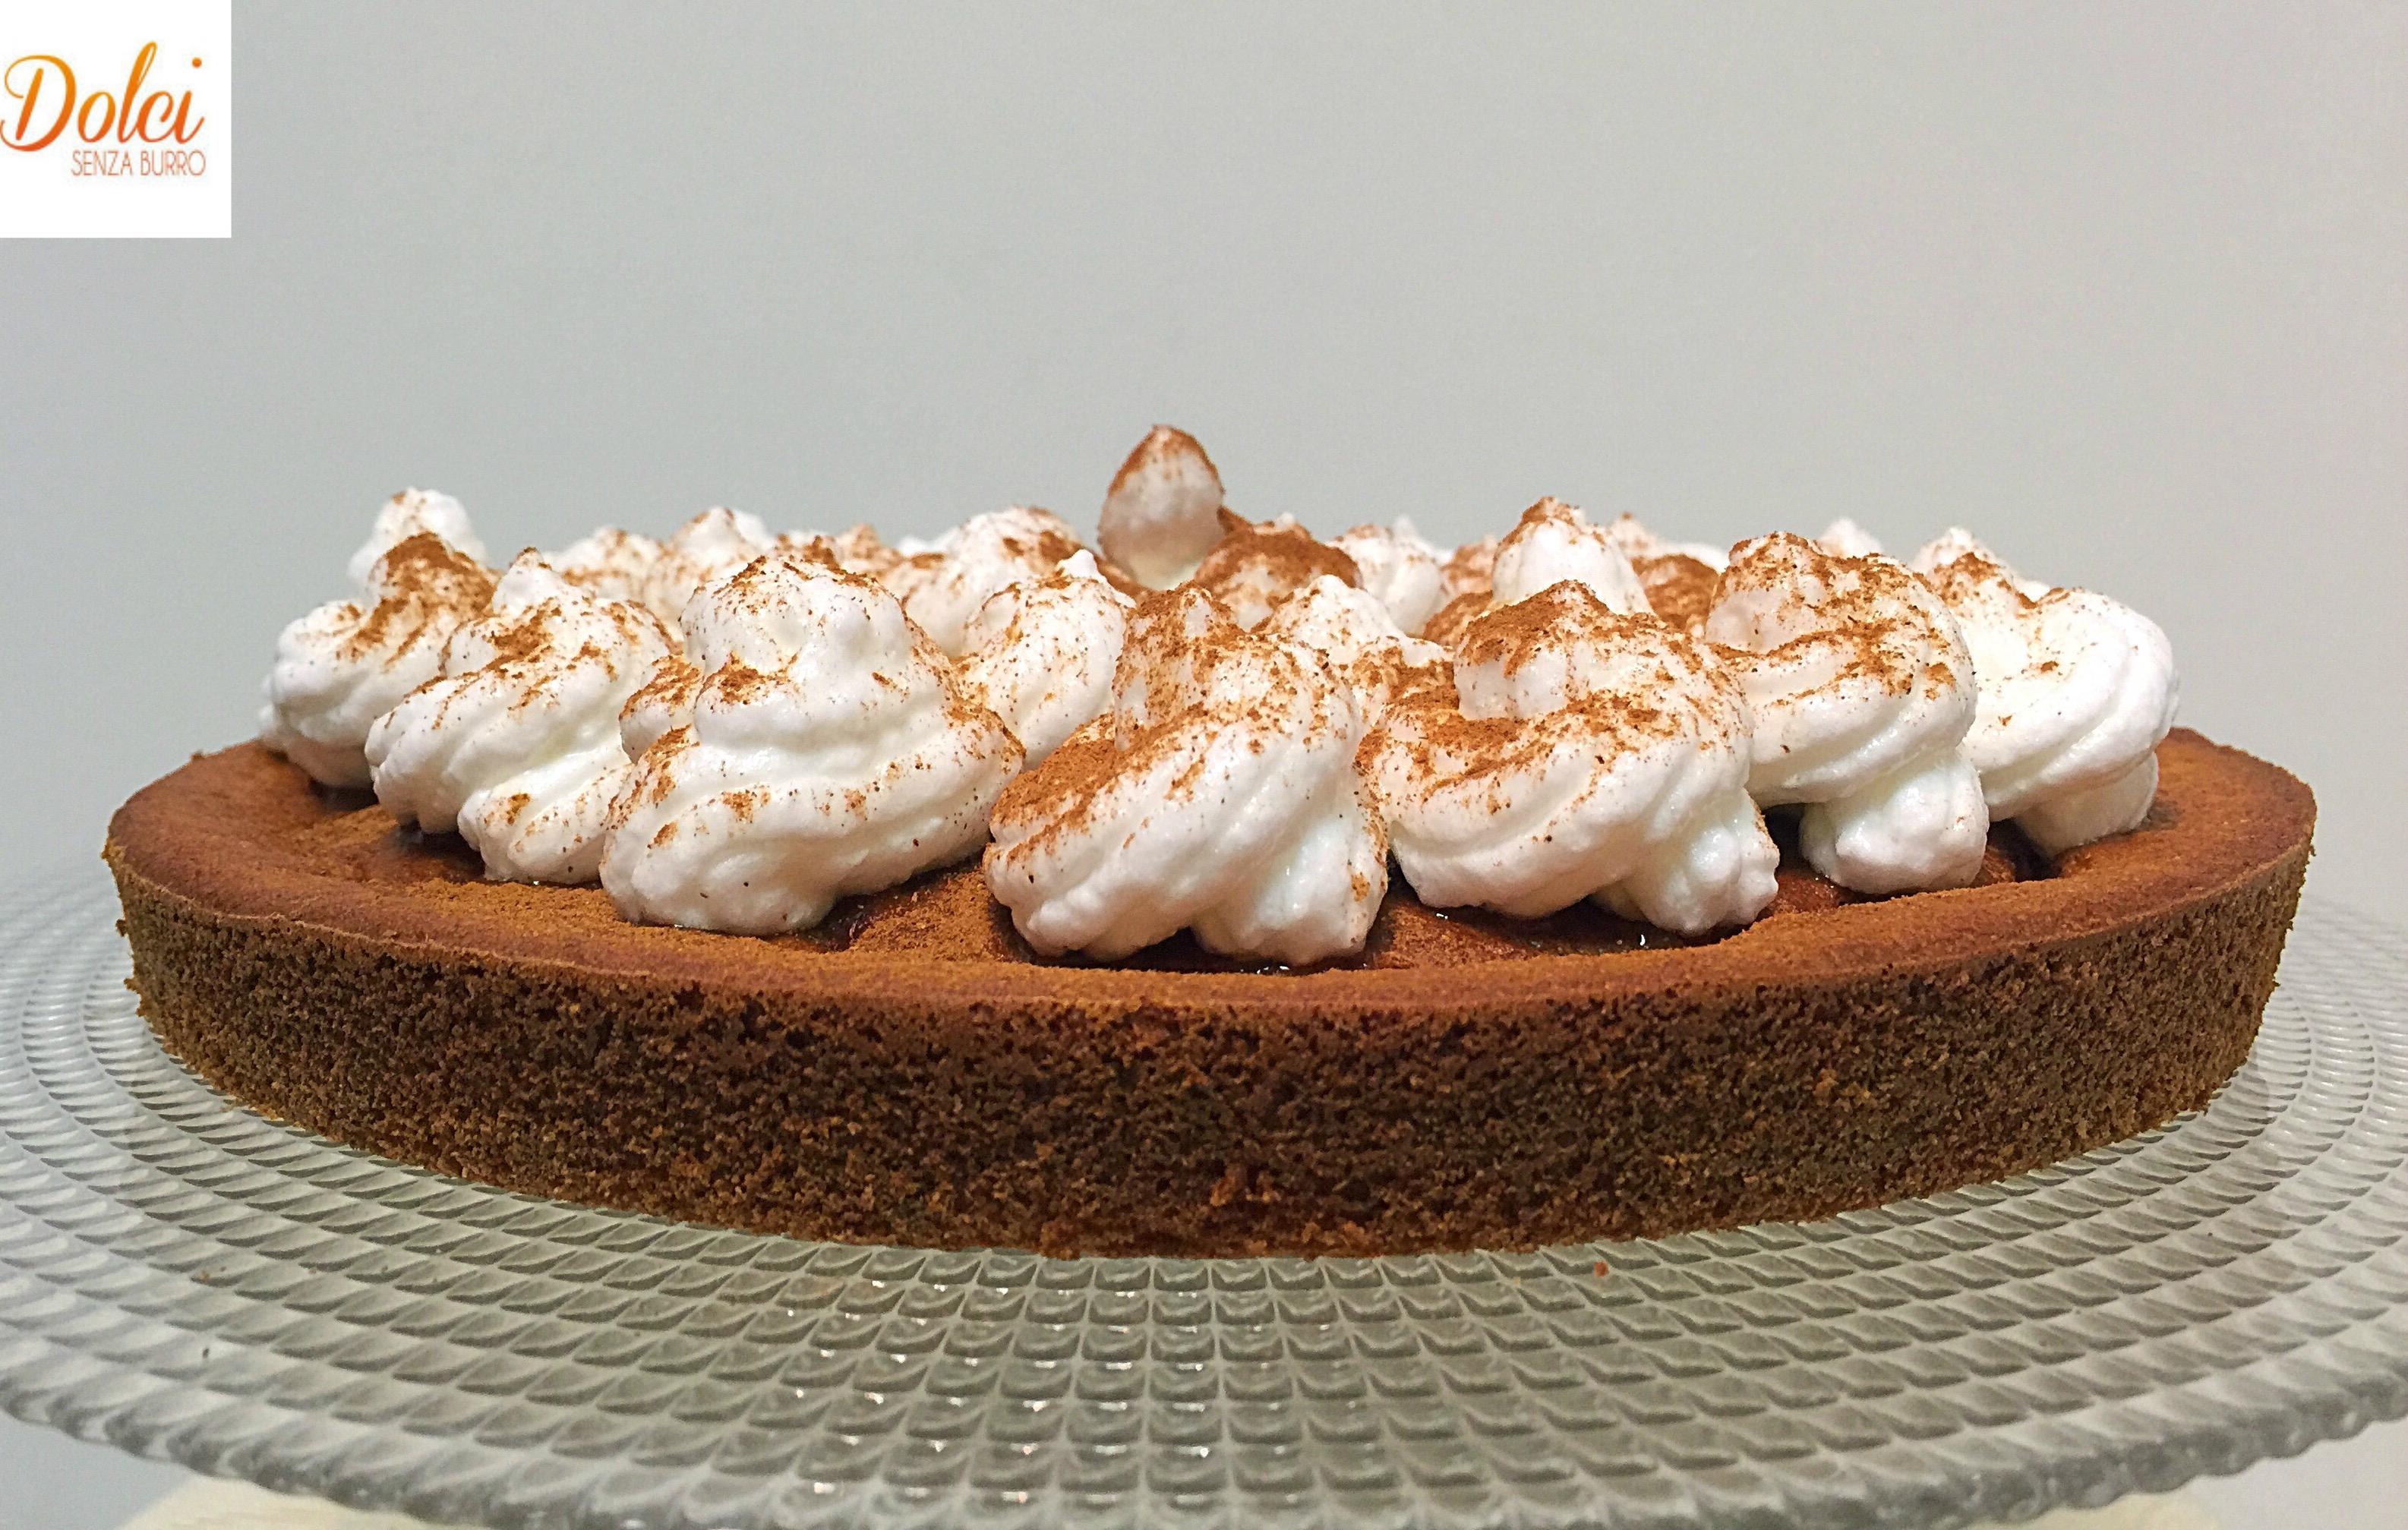 Torta di Zucca Meringata Senza Burro, il dolce delicato e goloso di dolci senza burro